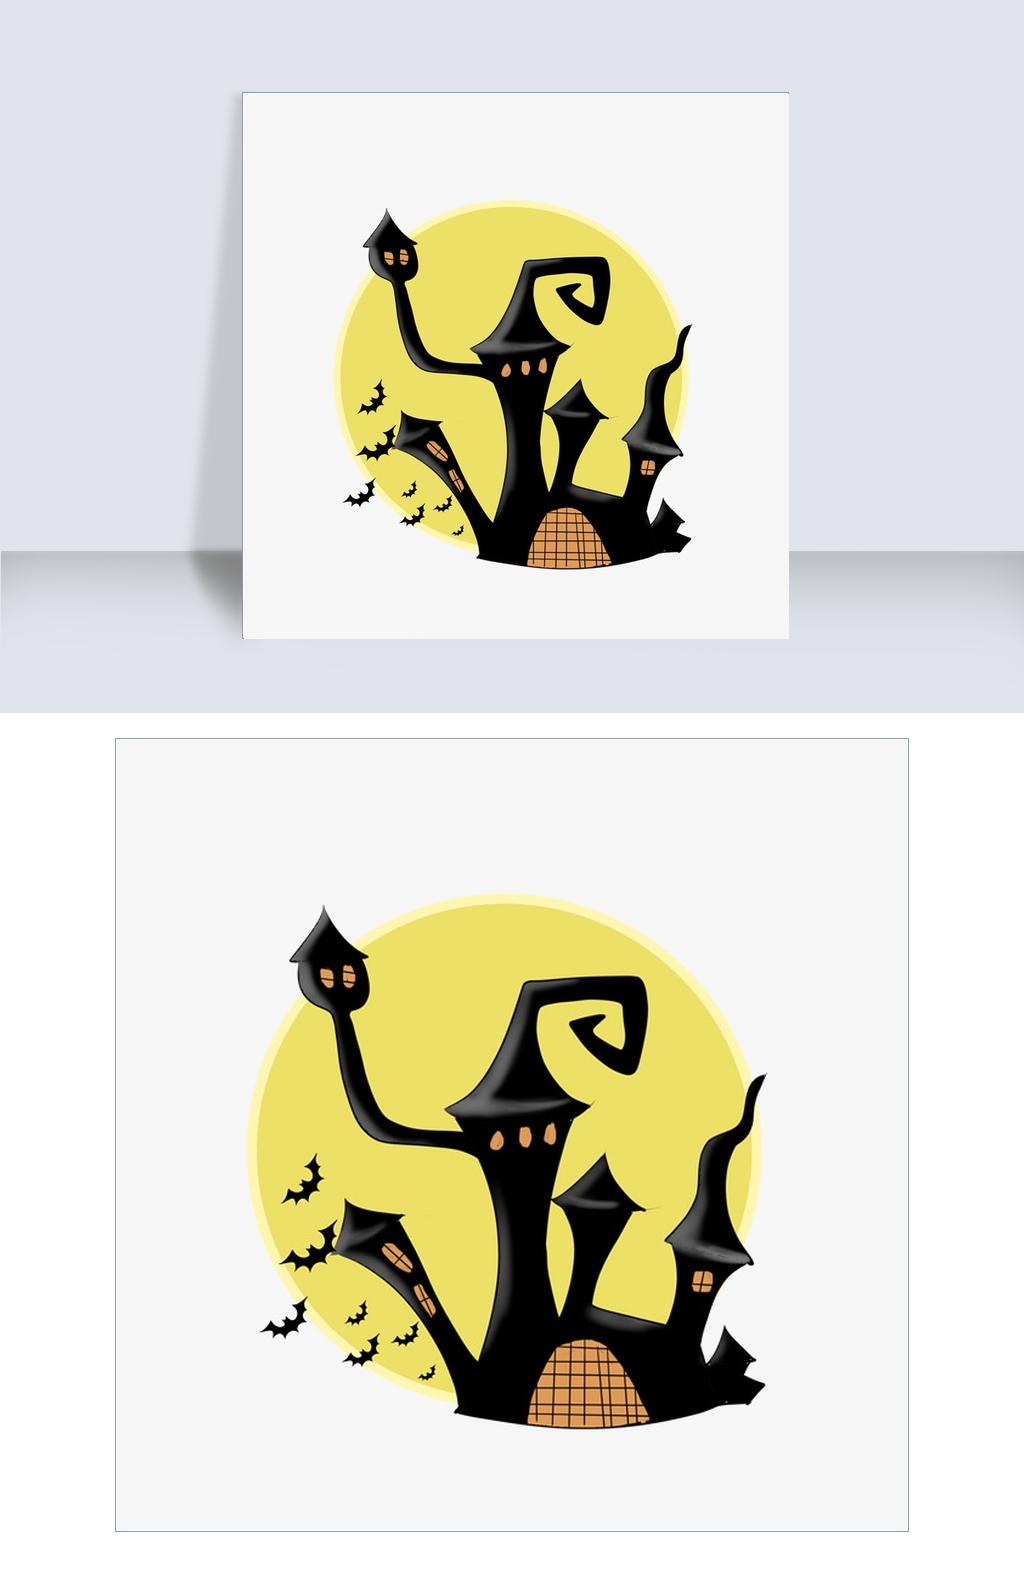 万圣节鬼屋蝙蝠插画图片素材 PSB格式 下载 动漫人物大全